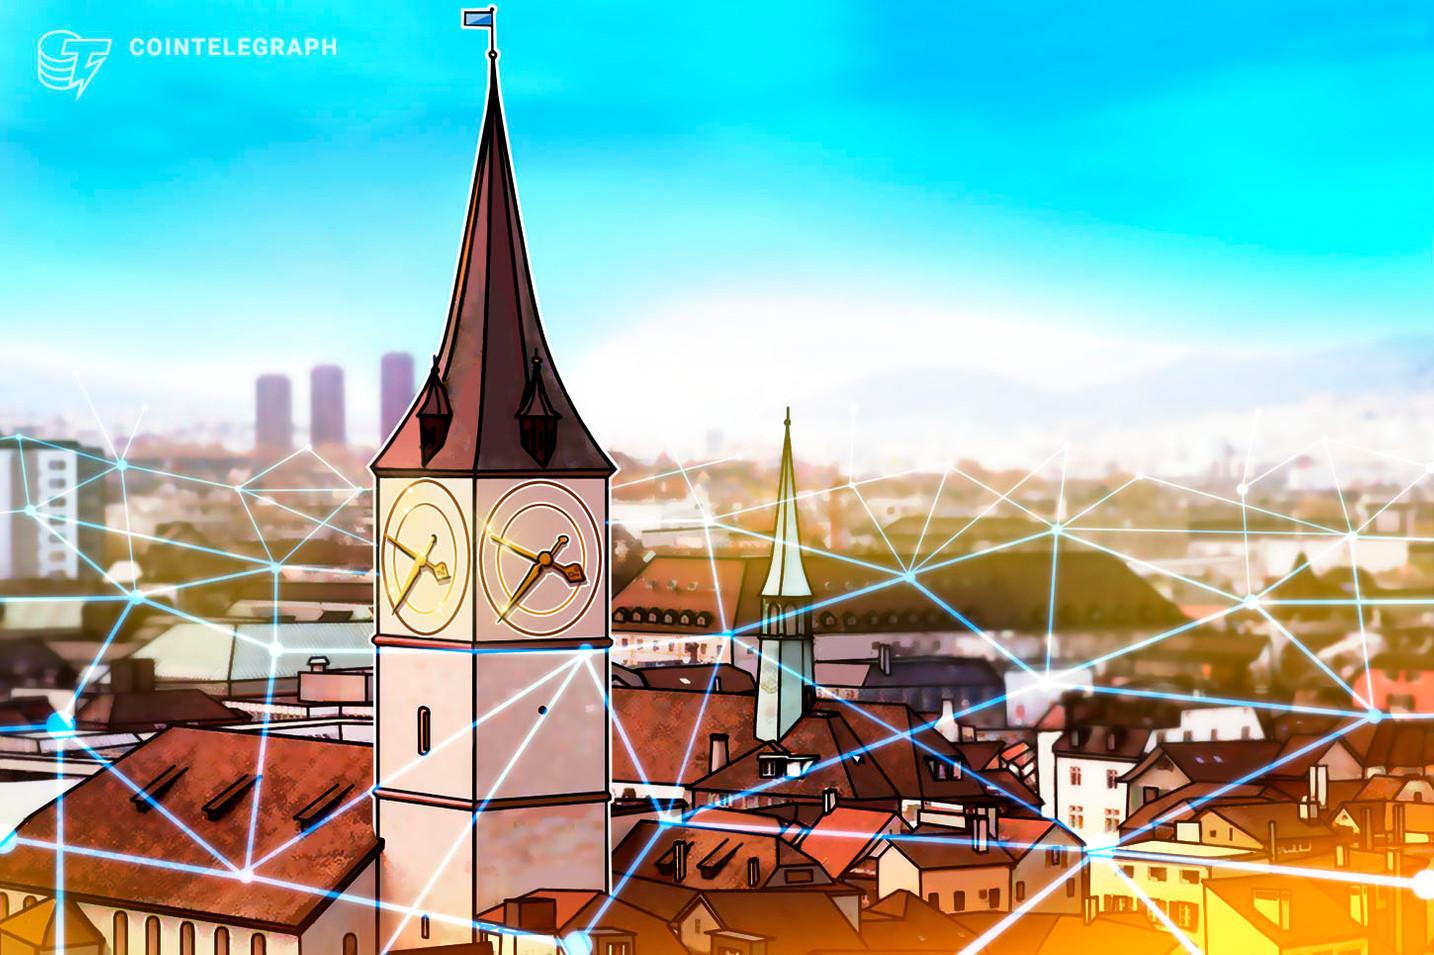 スイス企業オーバーチュア、イーサリアムブロックチェーンでIPO実施 スイスで初の事例【ニュース】